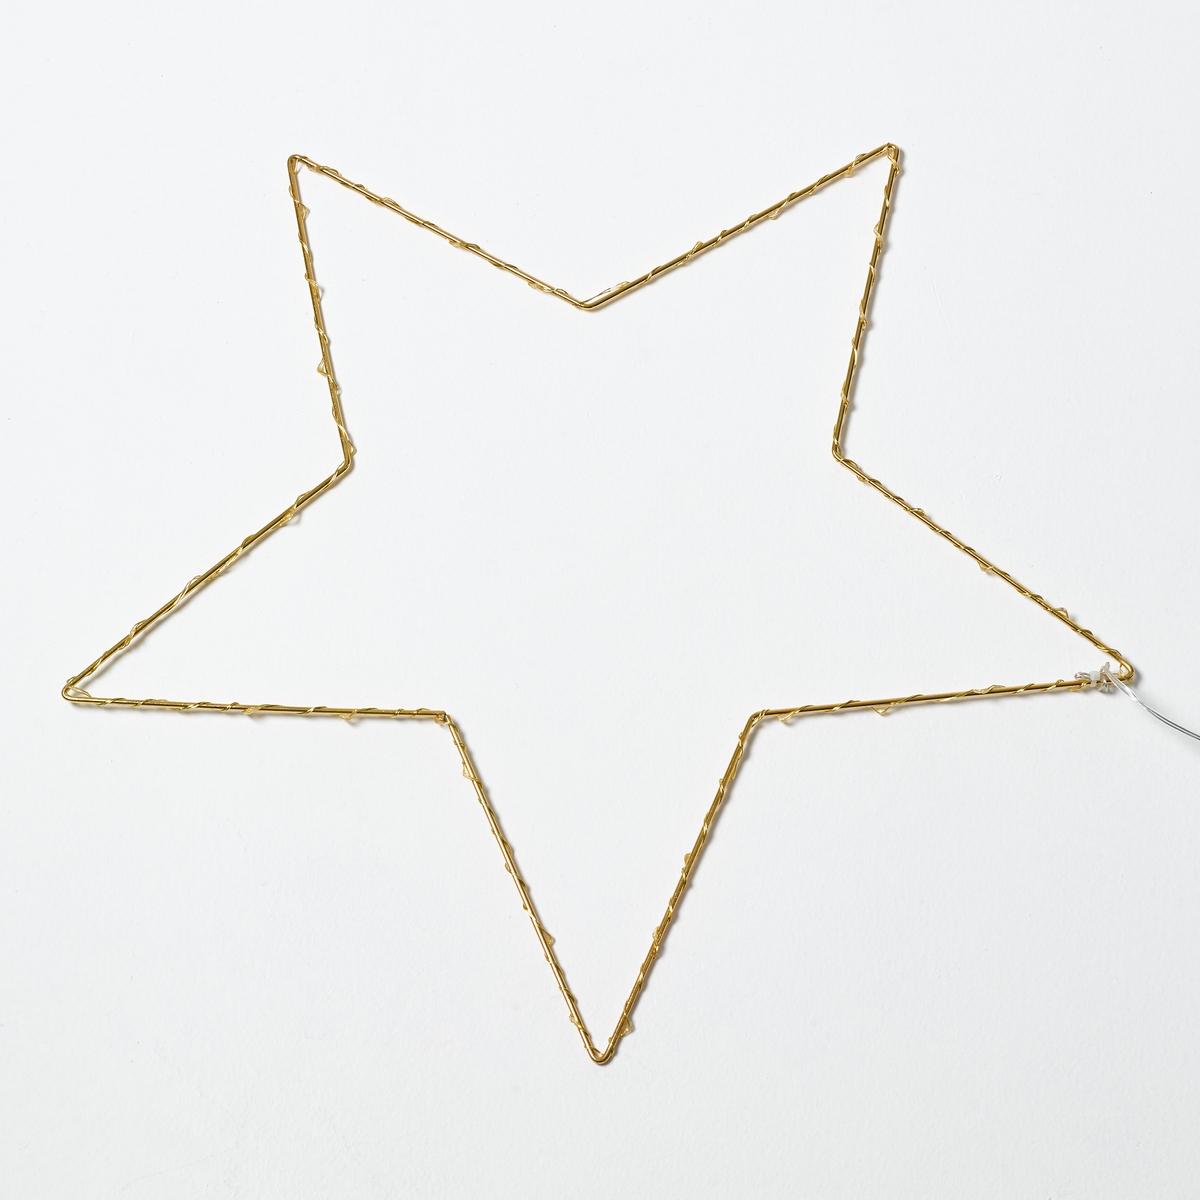 Светодиодный светильник в форме звезды, OmaraСветильник Omara. Светящаяся гирлянда в форме звезды. Поэтичный и декоративный светильник понравится малышам.Характеристики :- 40 миниатюрных светодиодов, 3 В, на металлическом кабеле- Не нагревается- Несменные лампы- Поставляется с адаптером 220 В, длина провода 3 м. - Без выключателя   Размеры :- Ш.50 x В.50 x Г.0,5 см.<br><br>Цвет: латунь